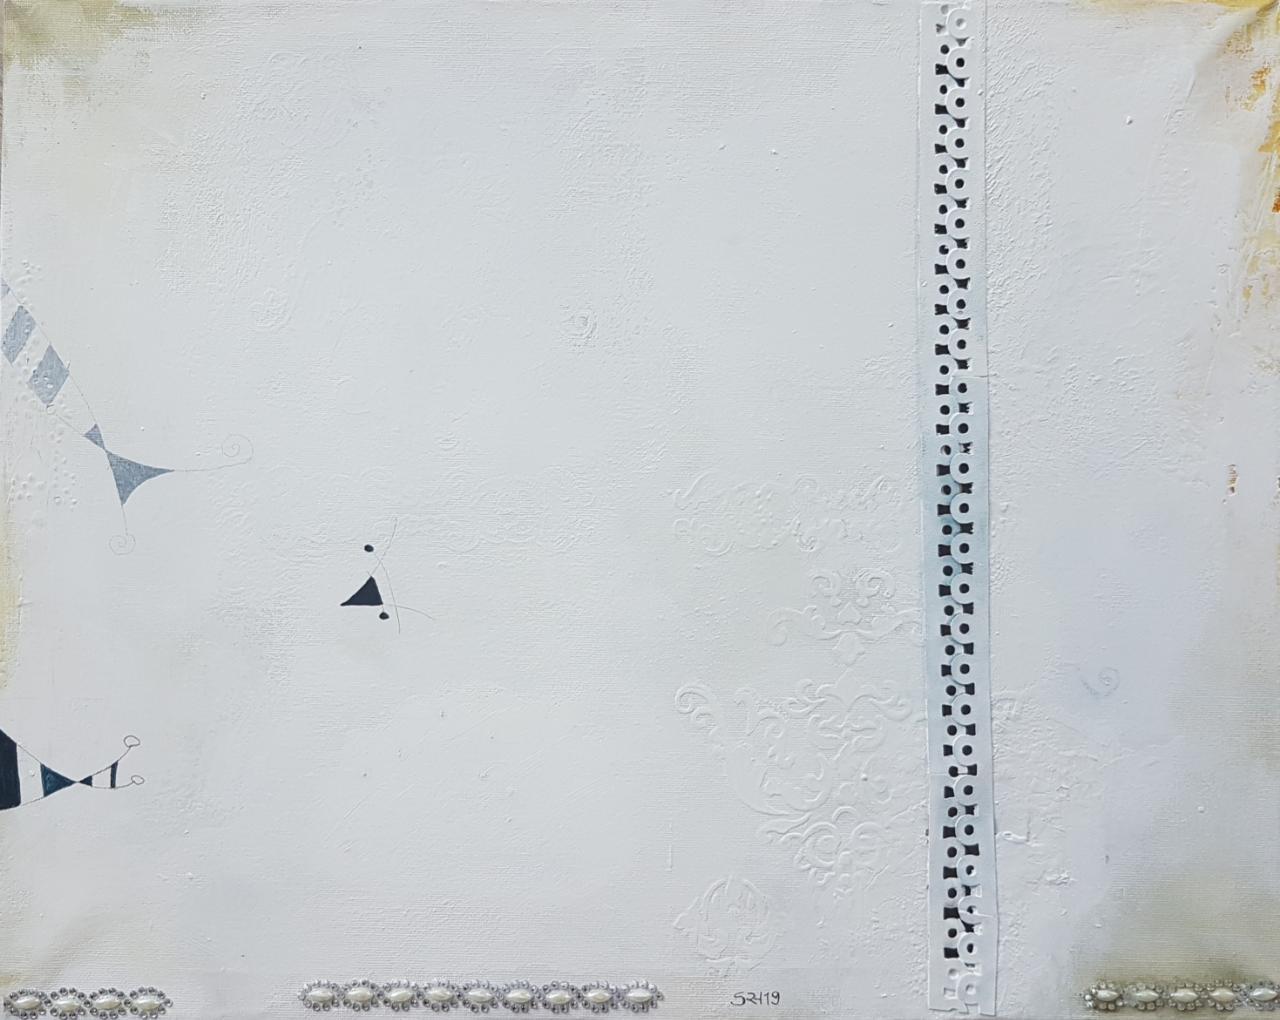 Nr.4/ohne Titel, Mischtechnik auf Leinwand, 60x40, 2019